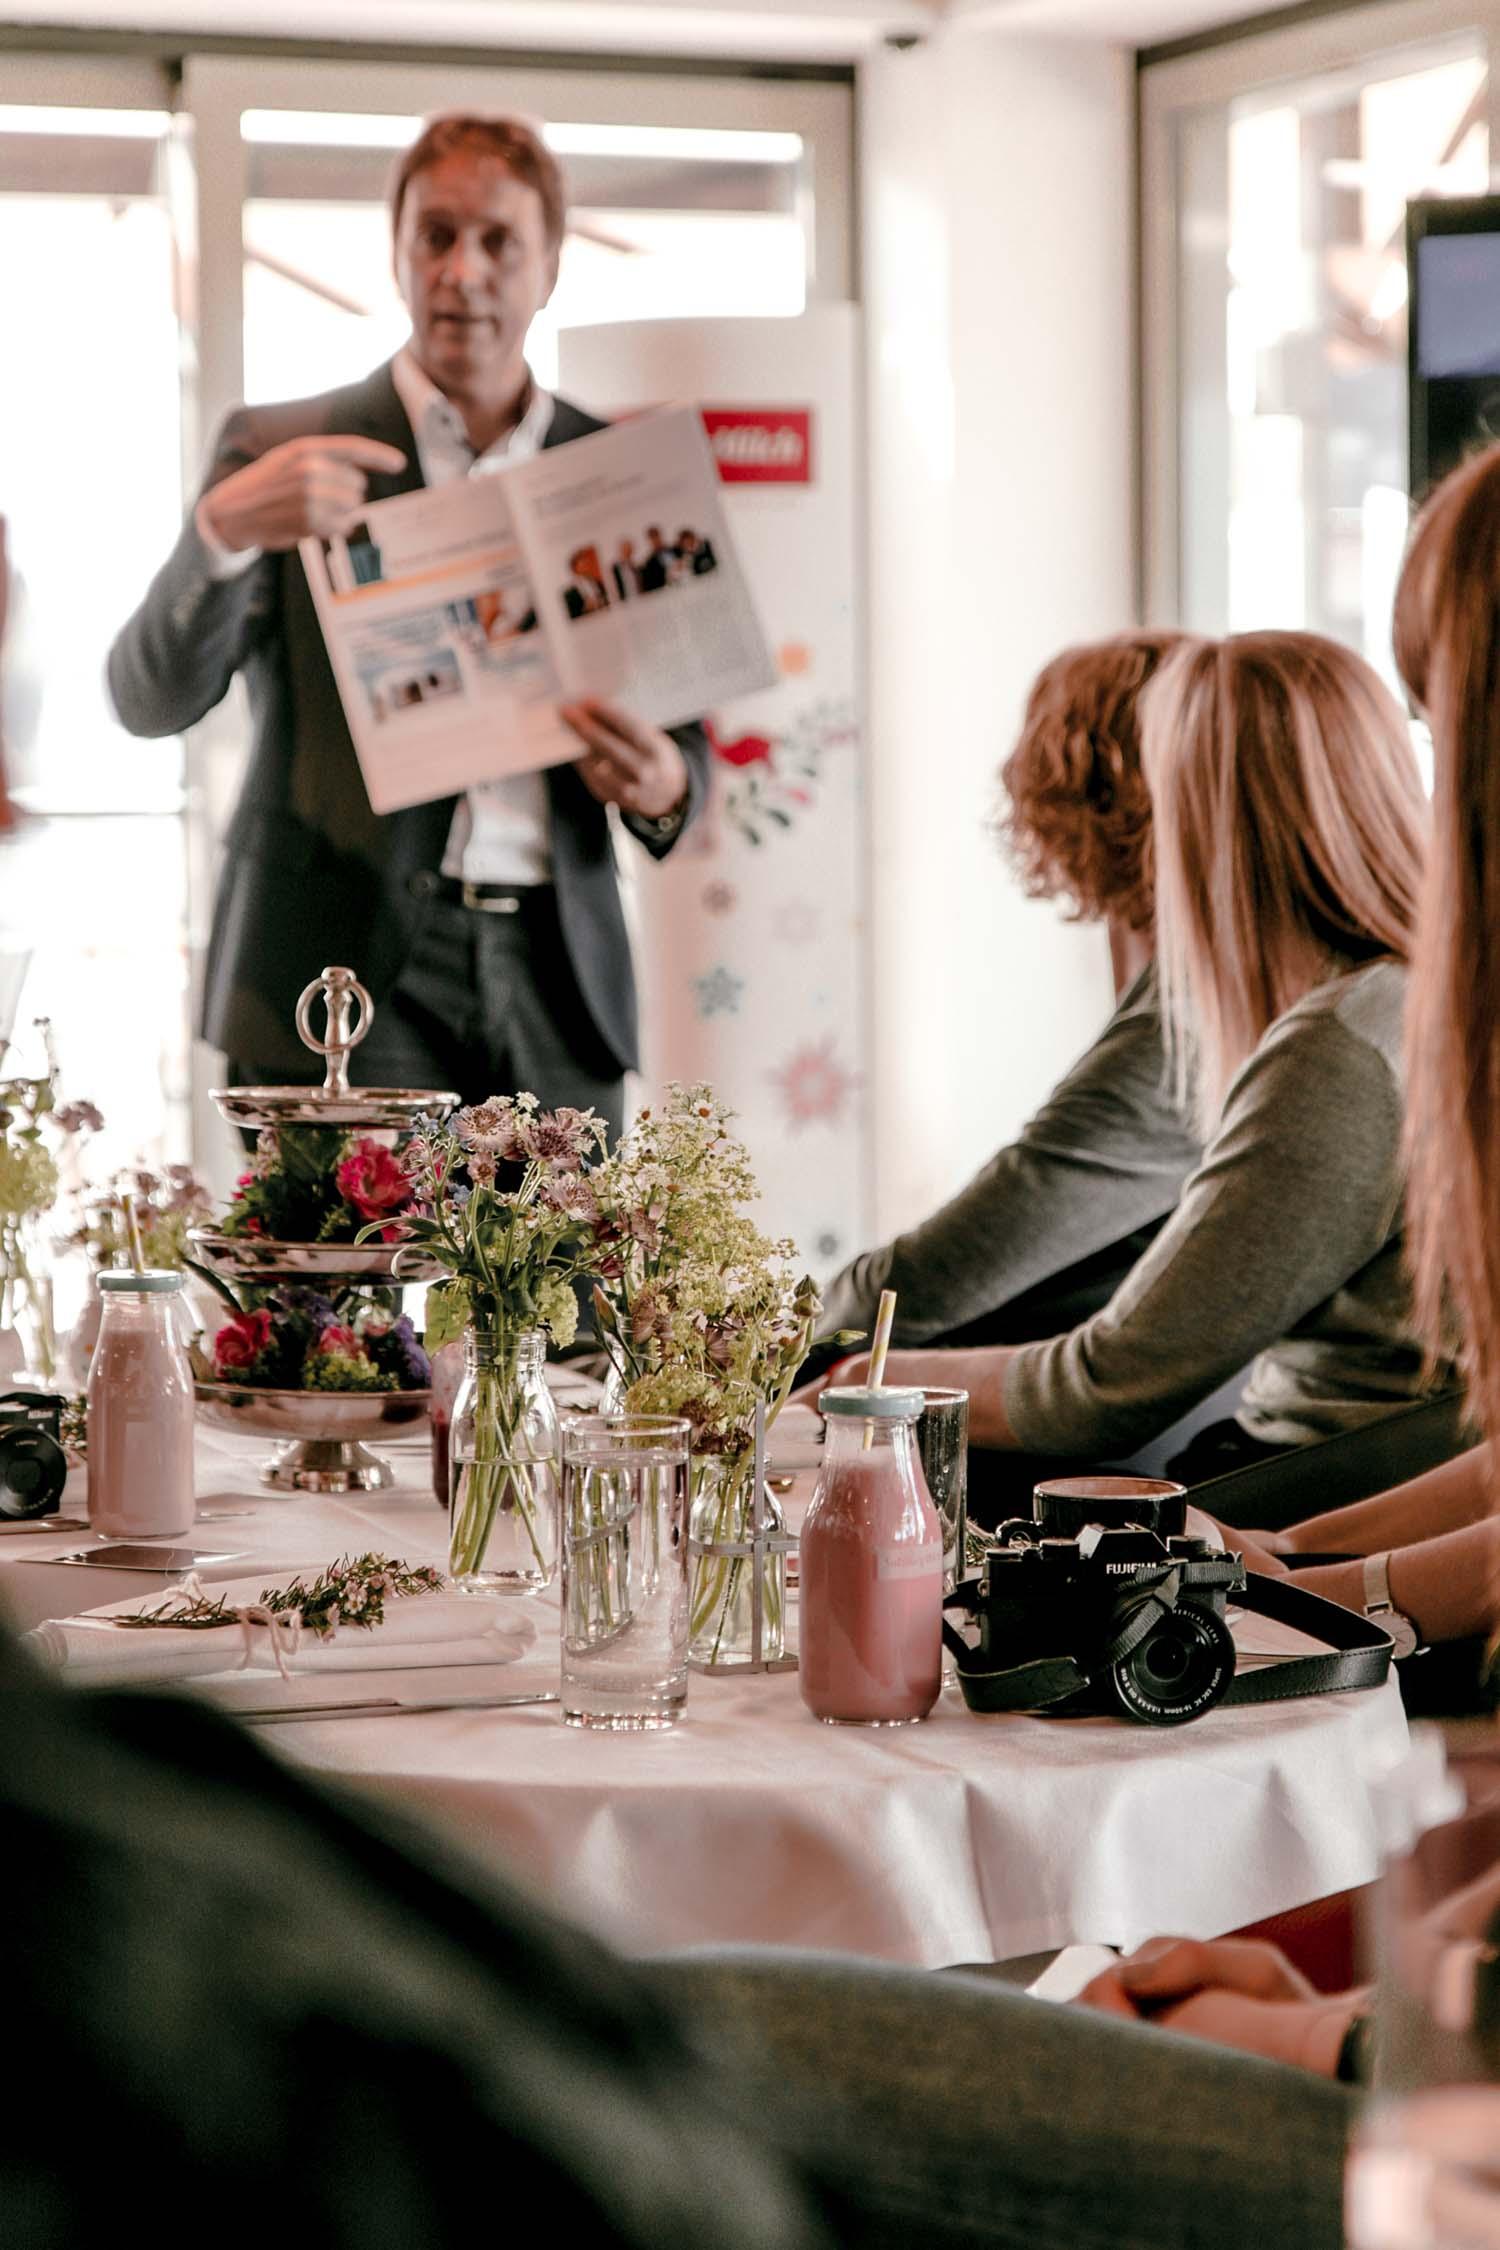 Blogger Brunch SalzburgMilch X 23timezones Lifestyle Blog aus Österreich imlauer sky bar & restaurant